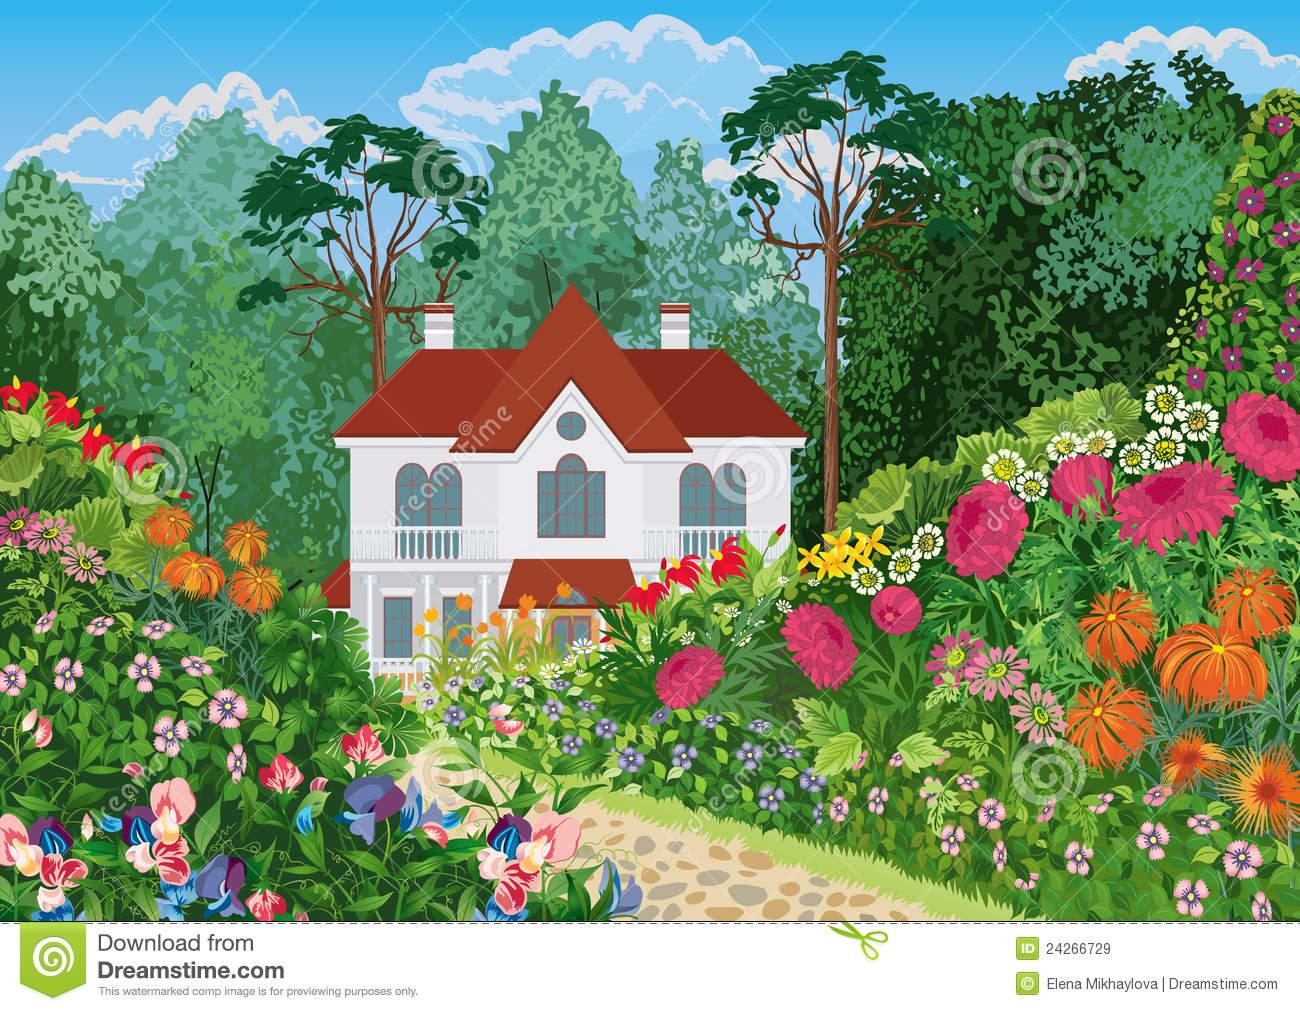 Haus und garten clipart vector royalty free Haus Im Garten Lizenzfreie Stockbilder - Bild: 24266729 vector royalty free